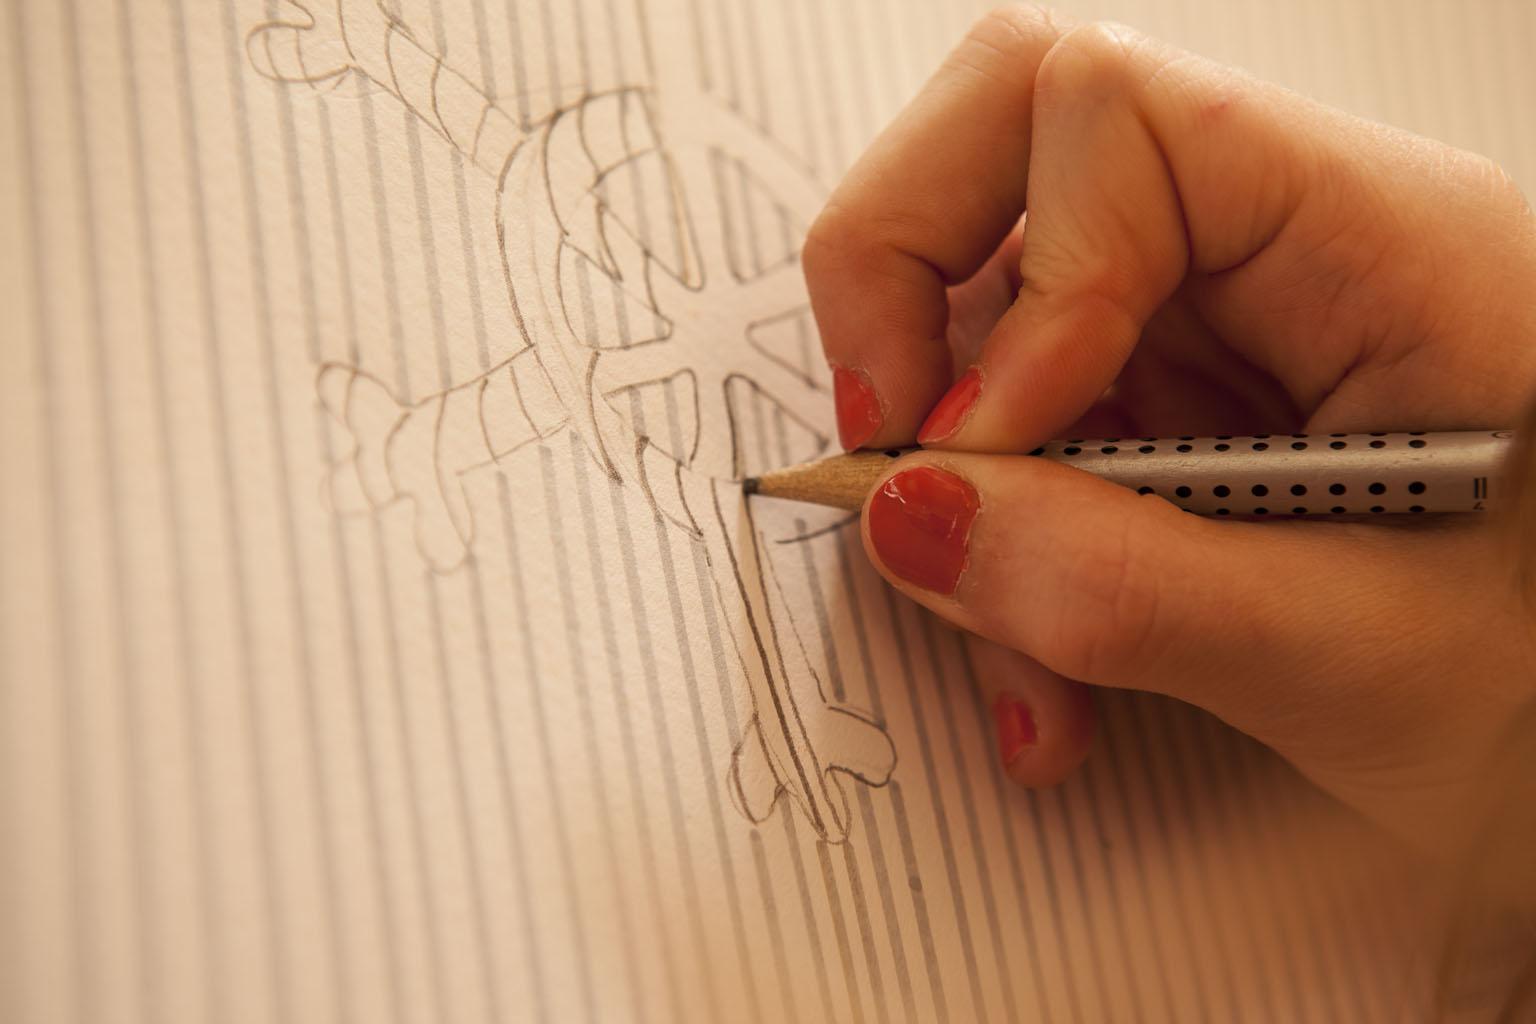 Kreativitätsförderung für Kinder - fantasieweri.ch